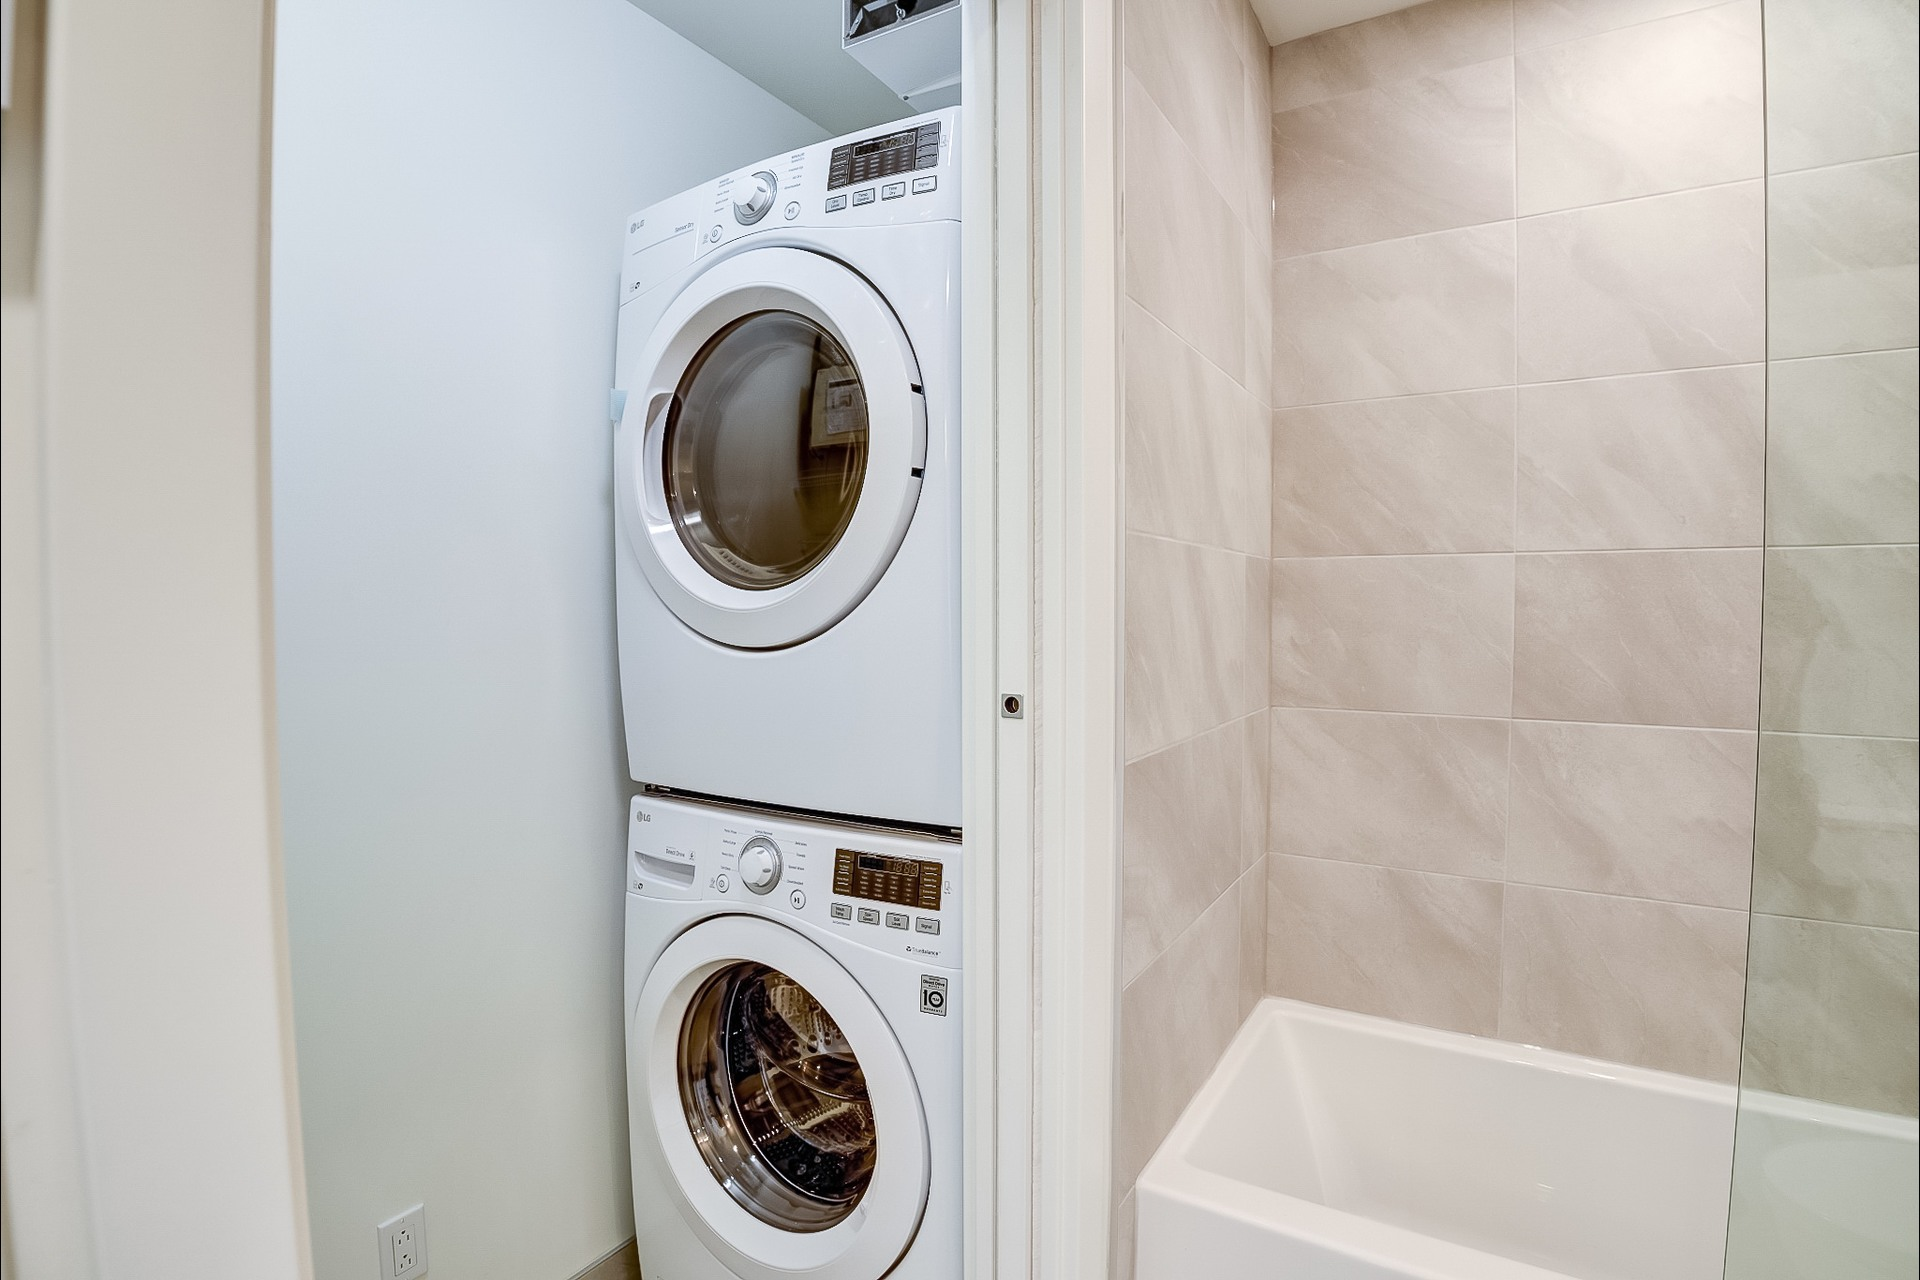 image 7 - MX - Condominio vertical - MX Para alquiler Montréal - 4 habitaciones